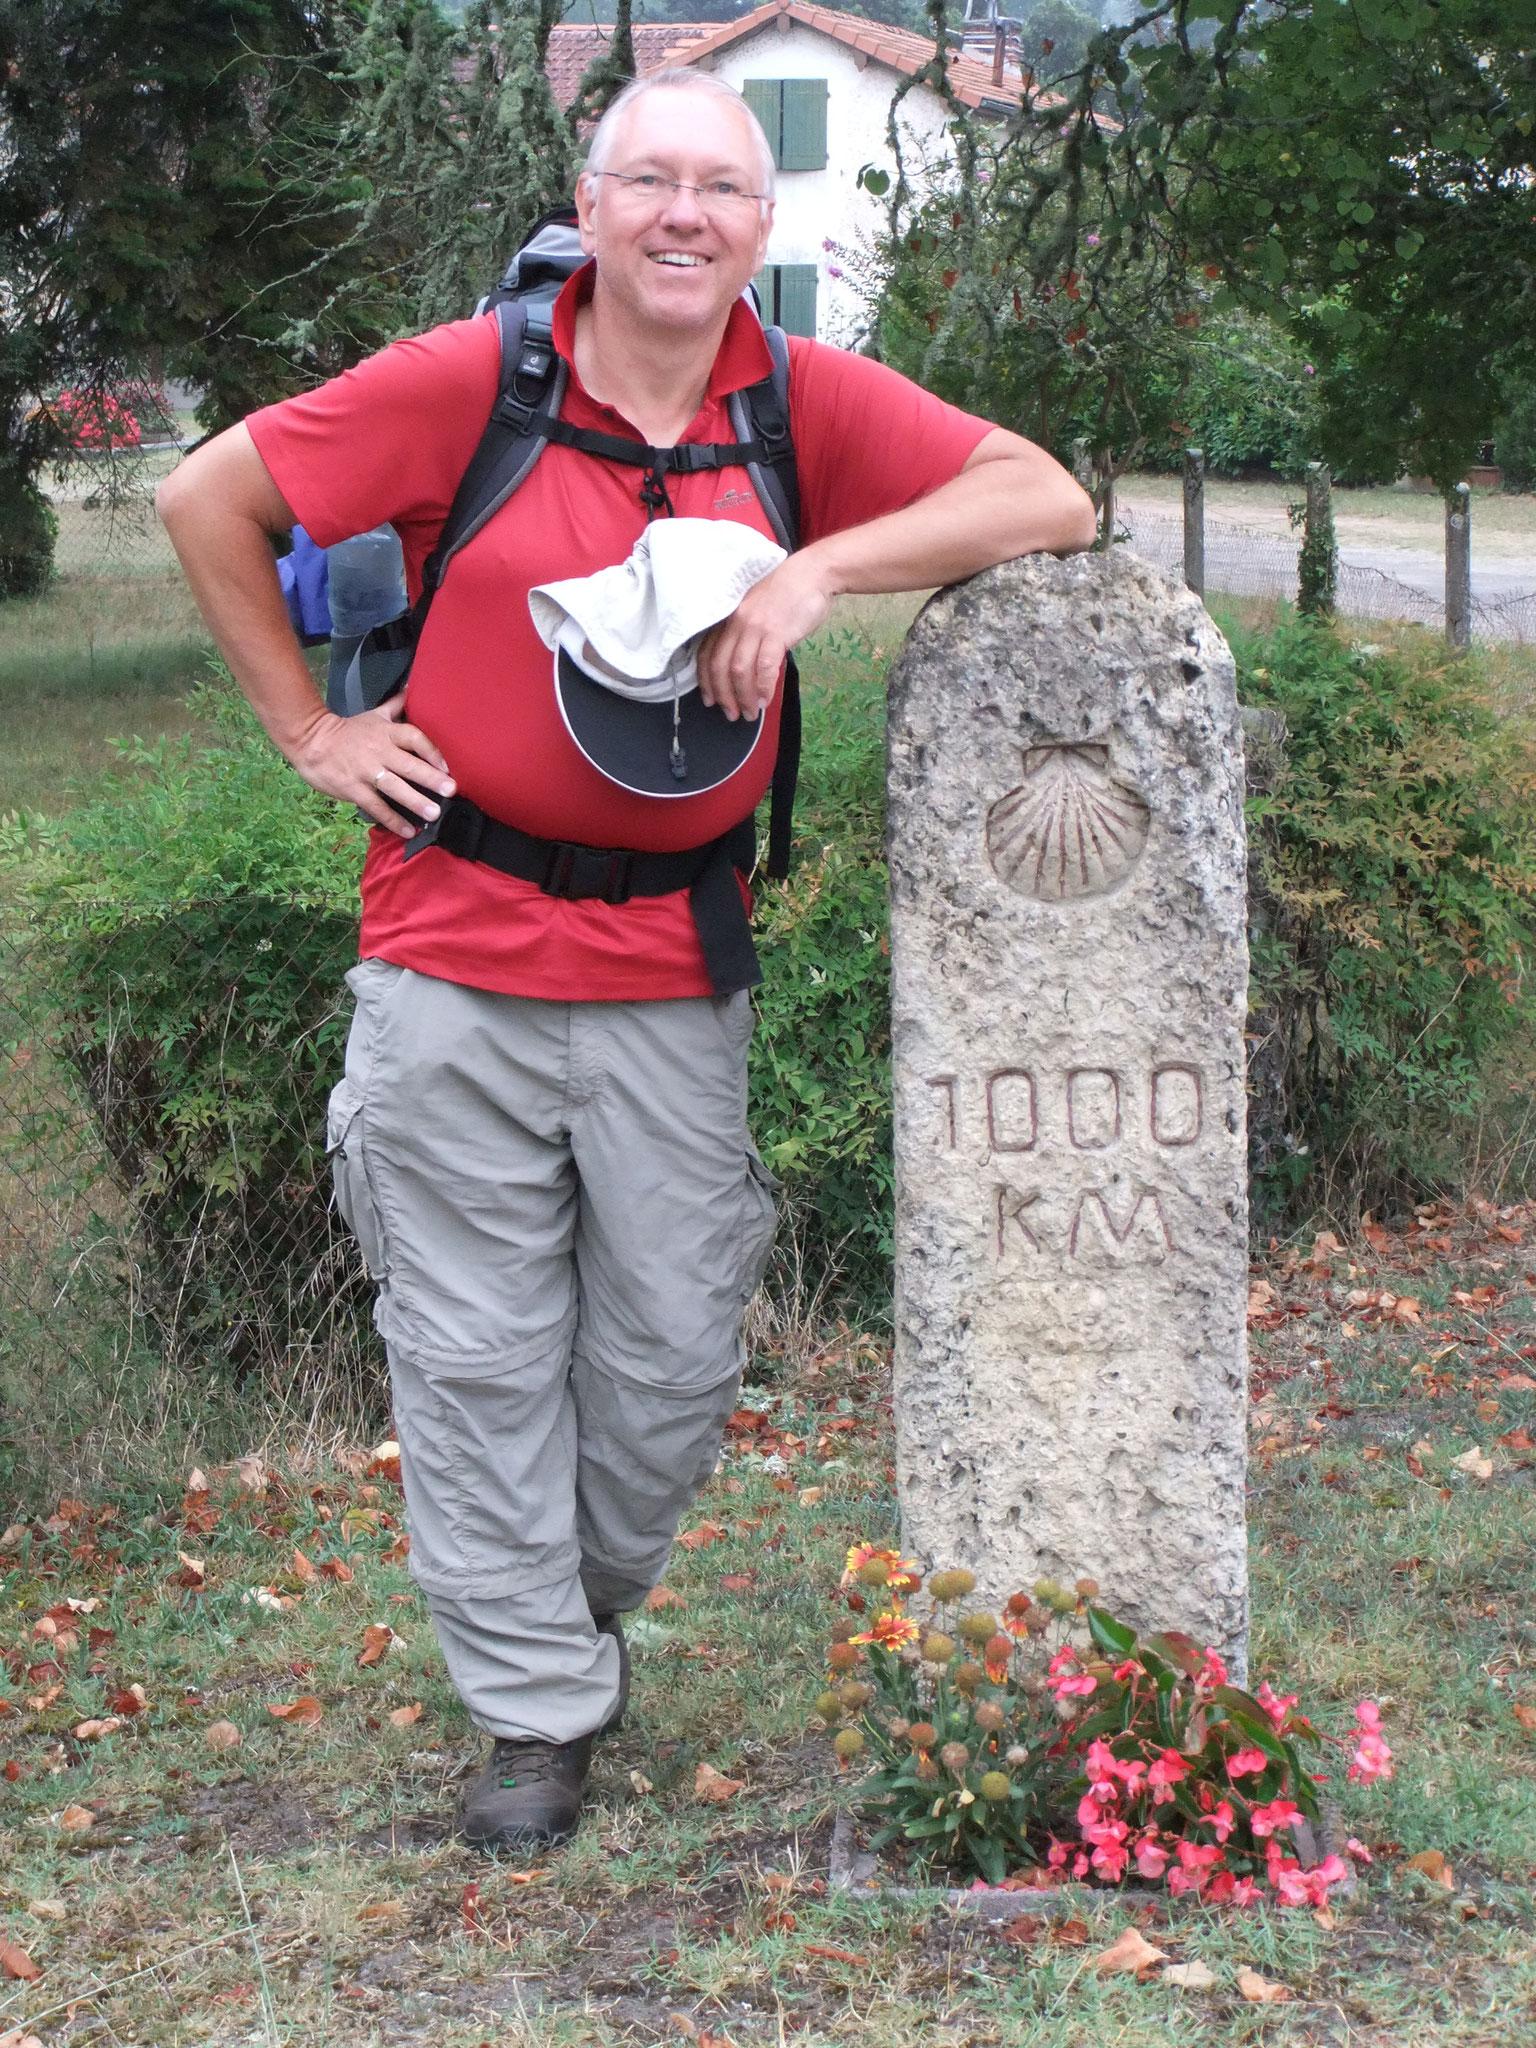 Frankreich, nur noch 1.000 Kilometer bis Santiago